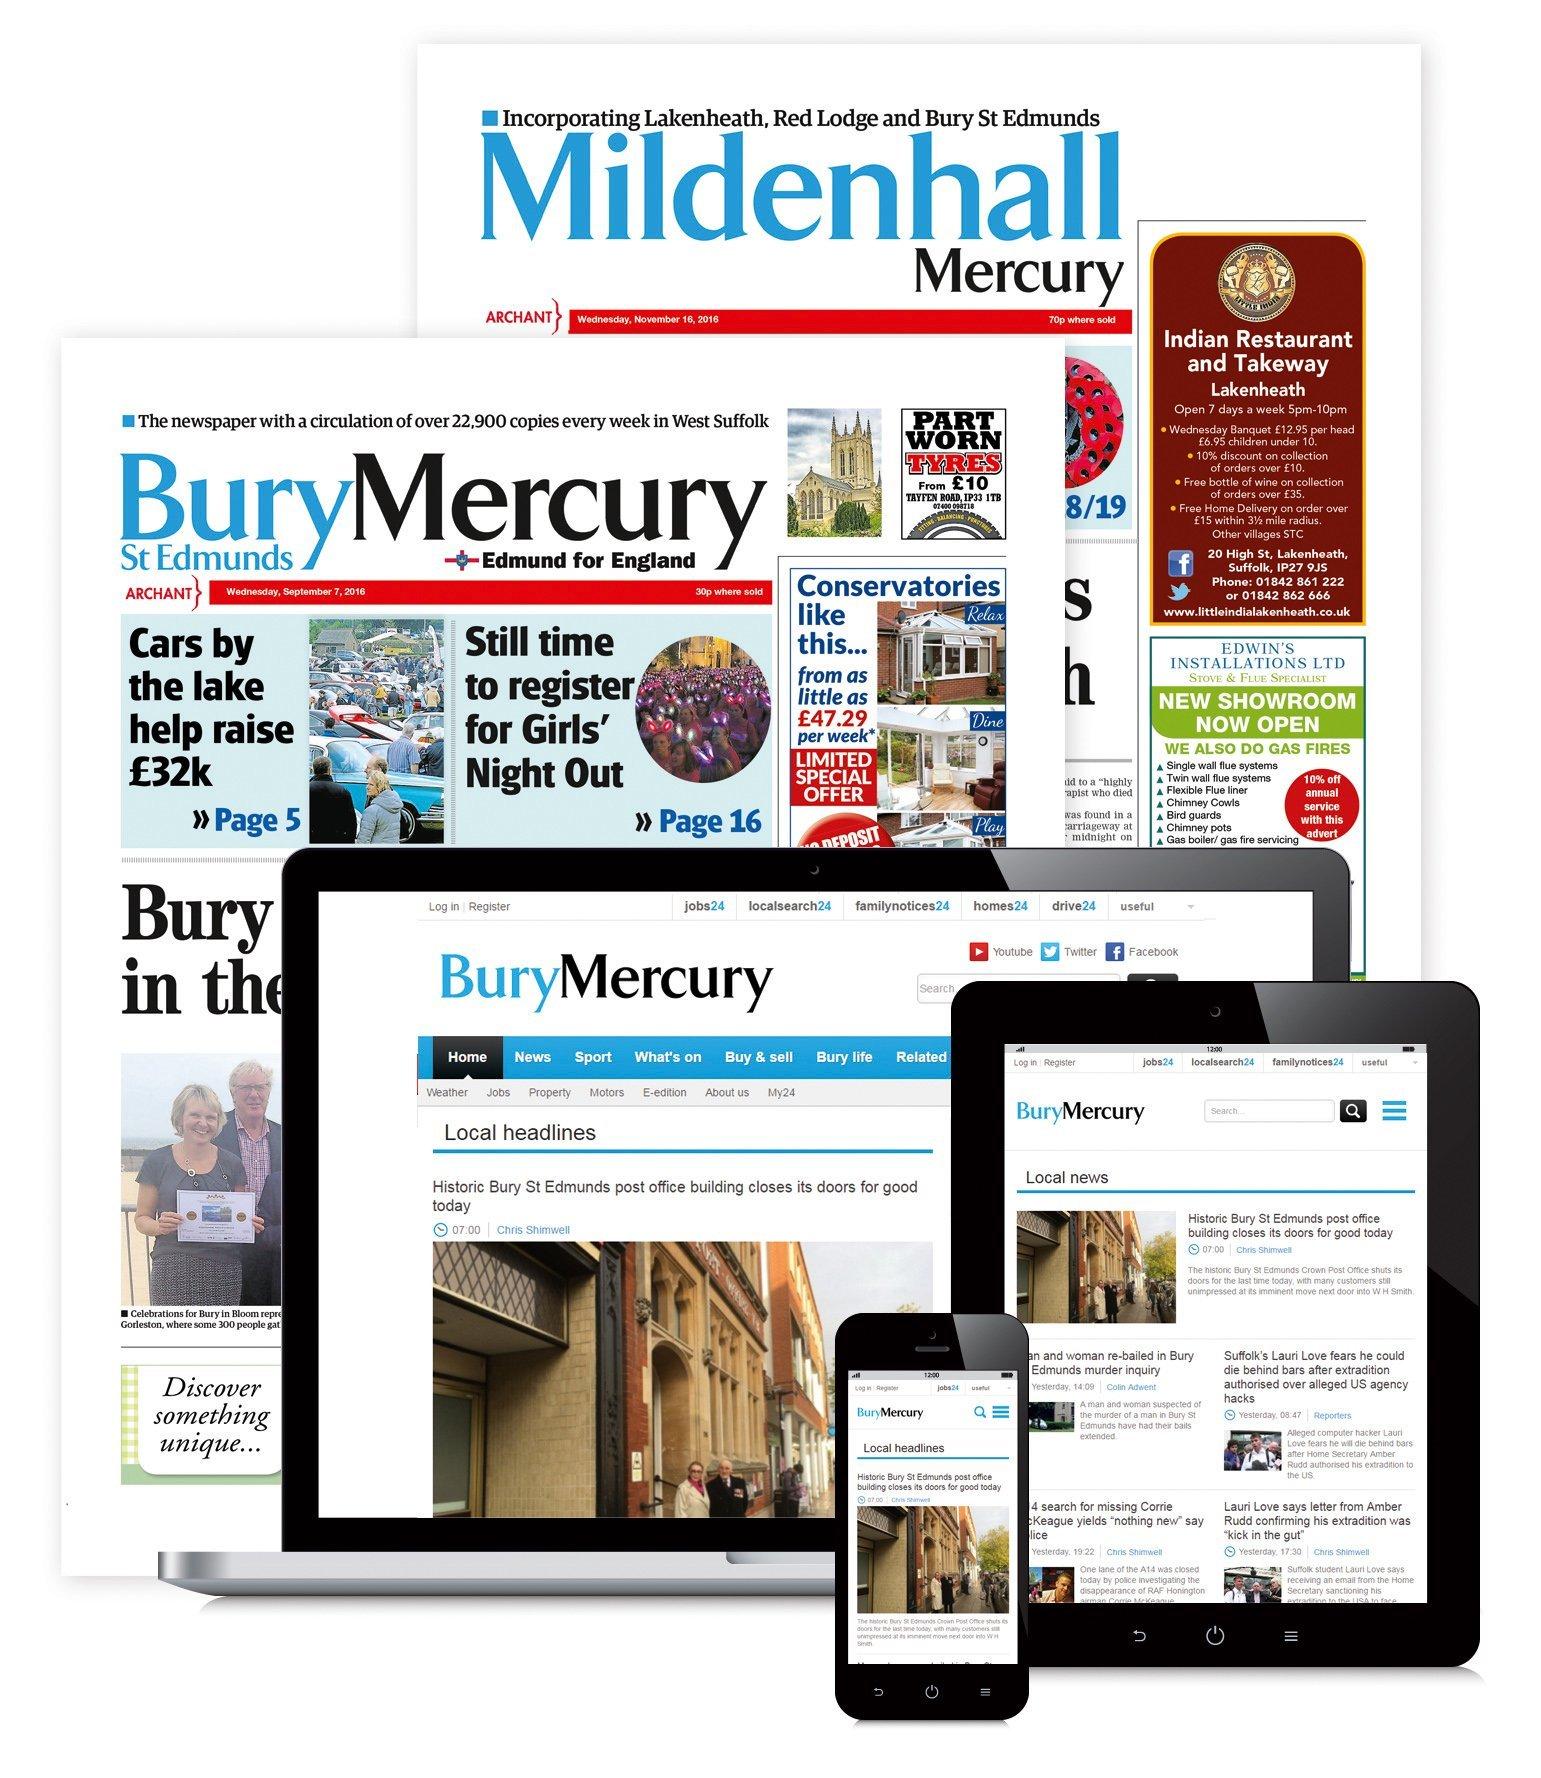 digital and print advertising bury mercury bury mercury 59e78bce bury mercury online advertising specialist online advertising